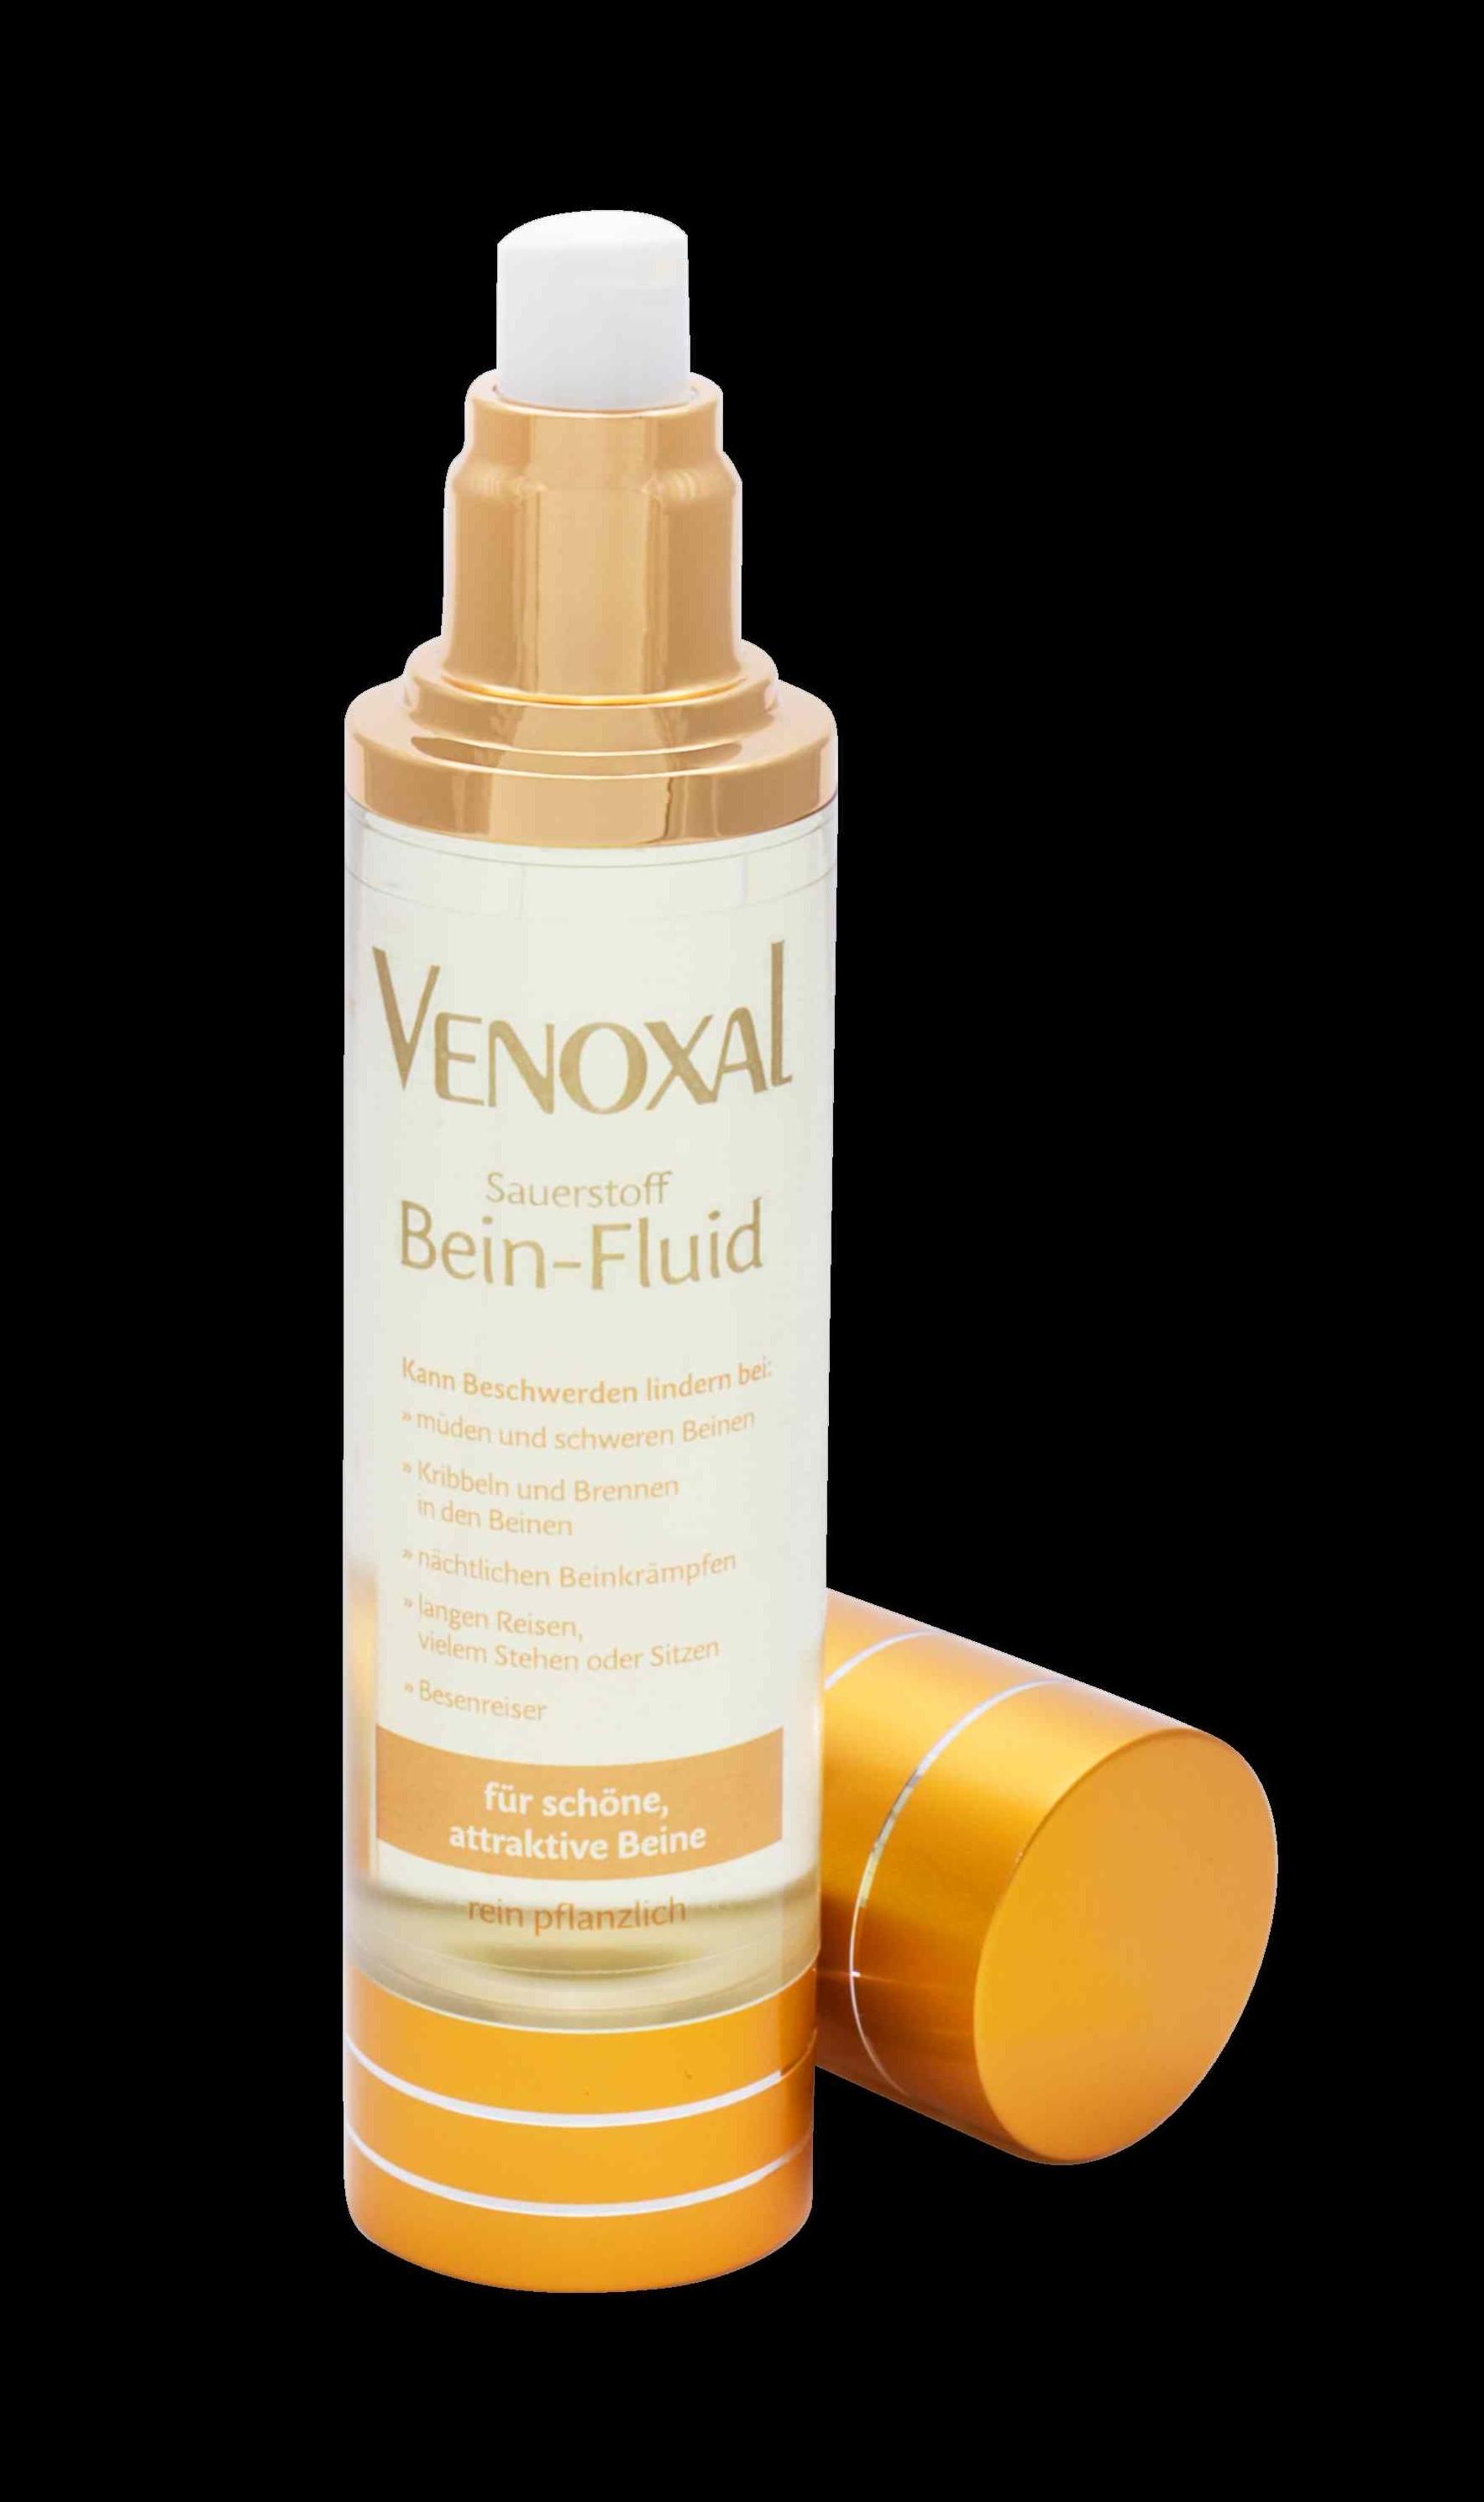 Venoxal Sauerstoff-Bein-Fluid 100ml Via Nova